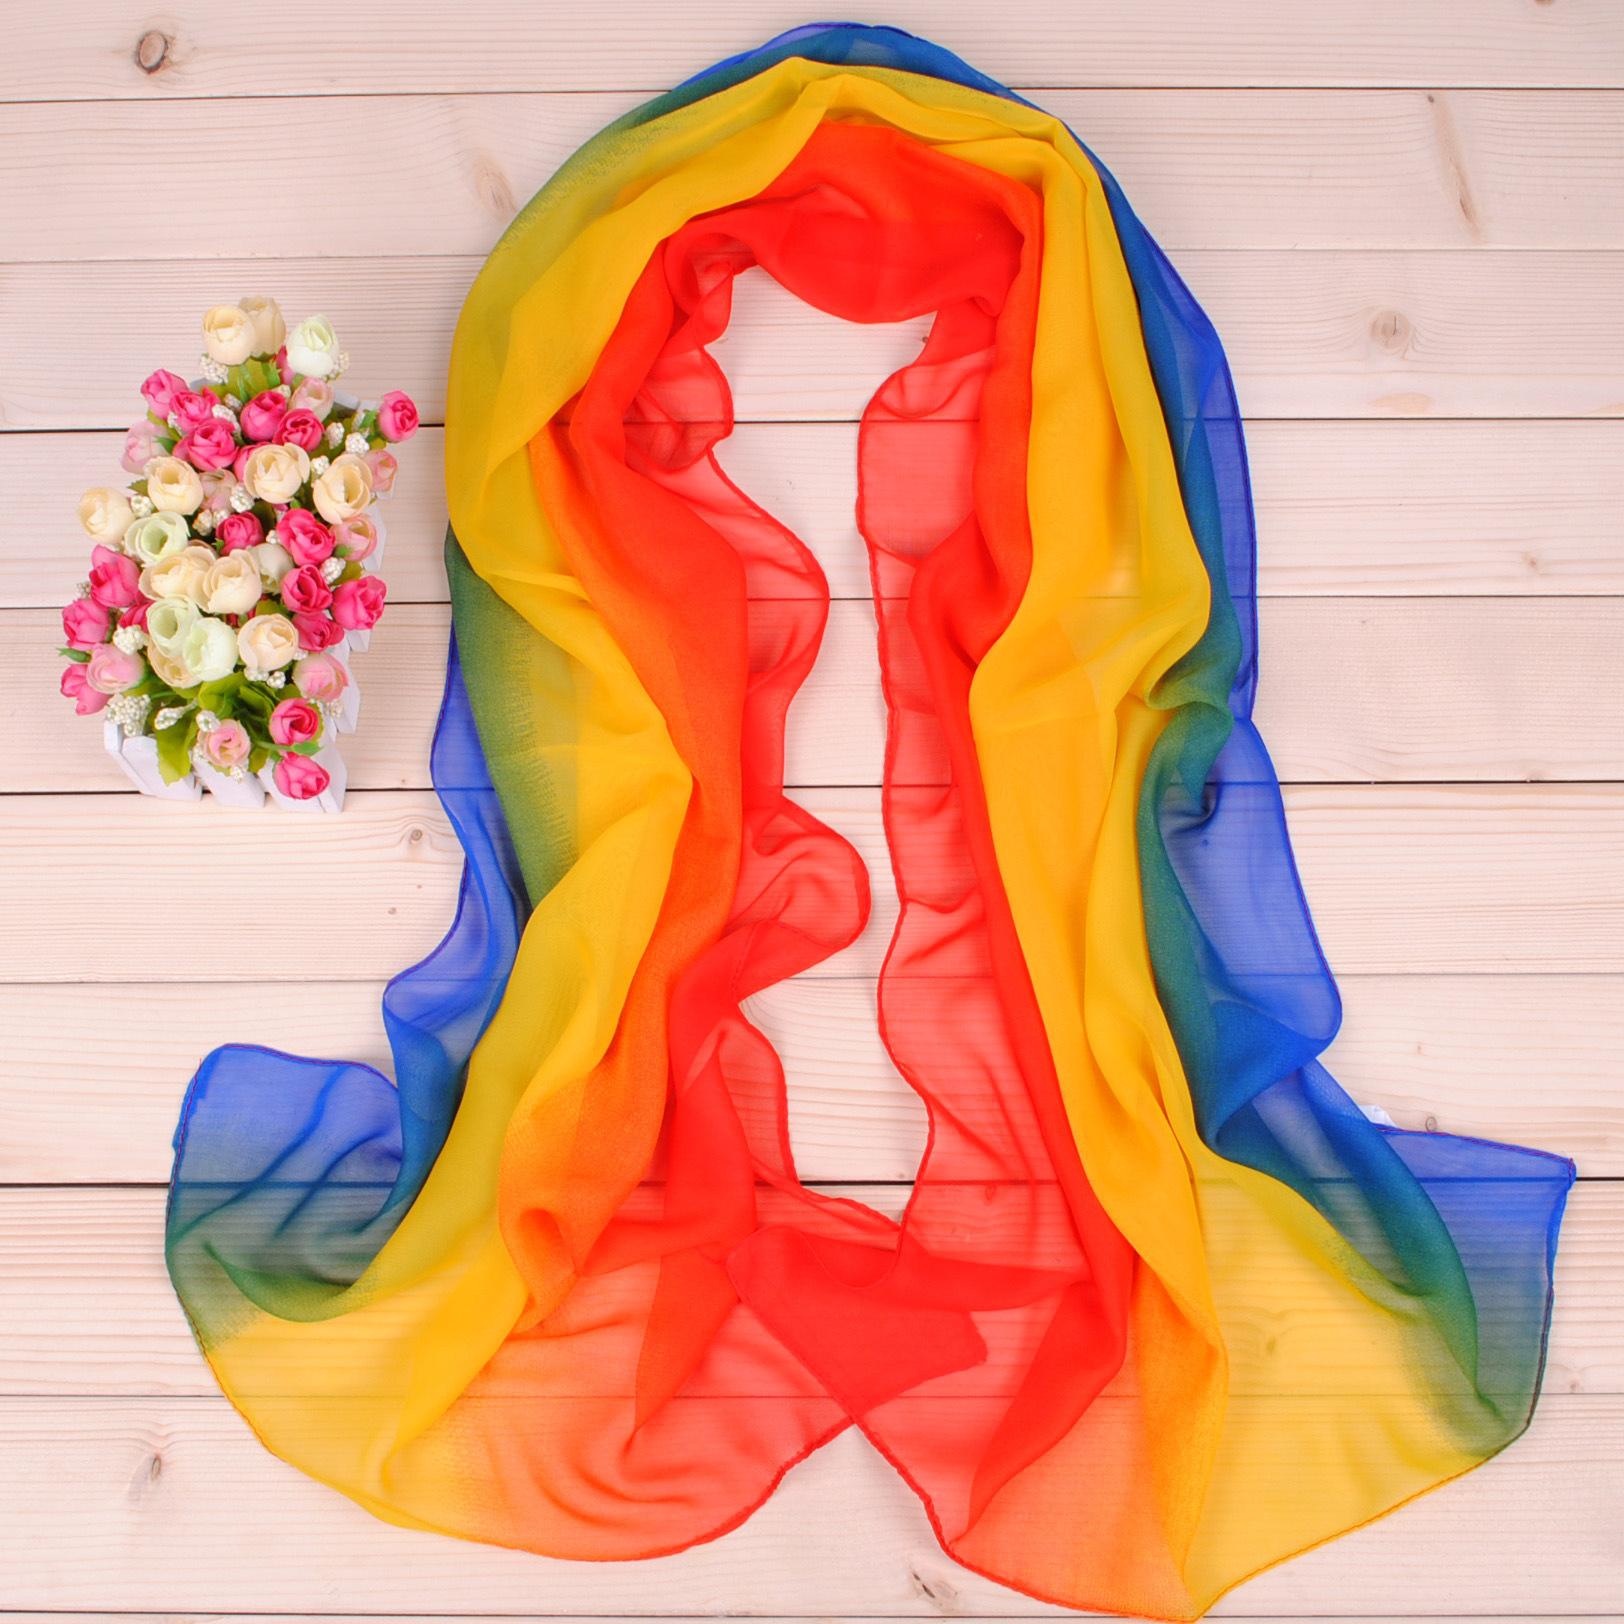 SYJN Khăn biến màu Thời trang mới thanh lịch ba màu gradient nữ in voan chống nắng khăn lụa bán buôn